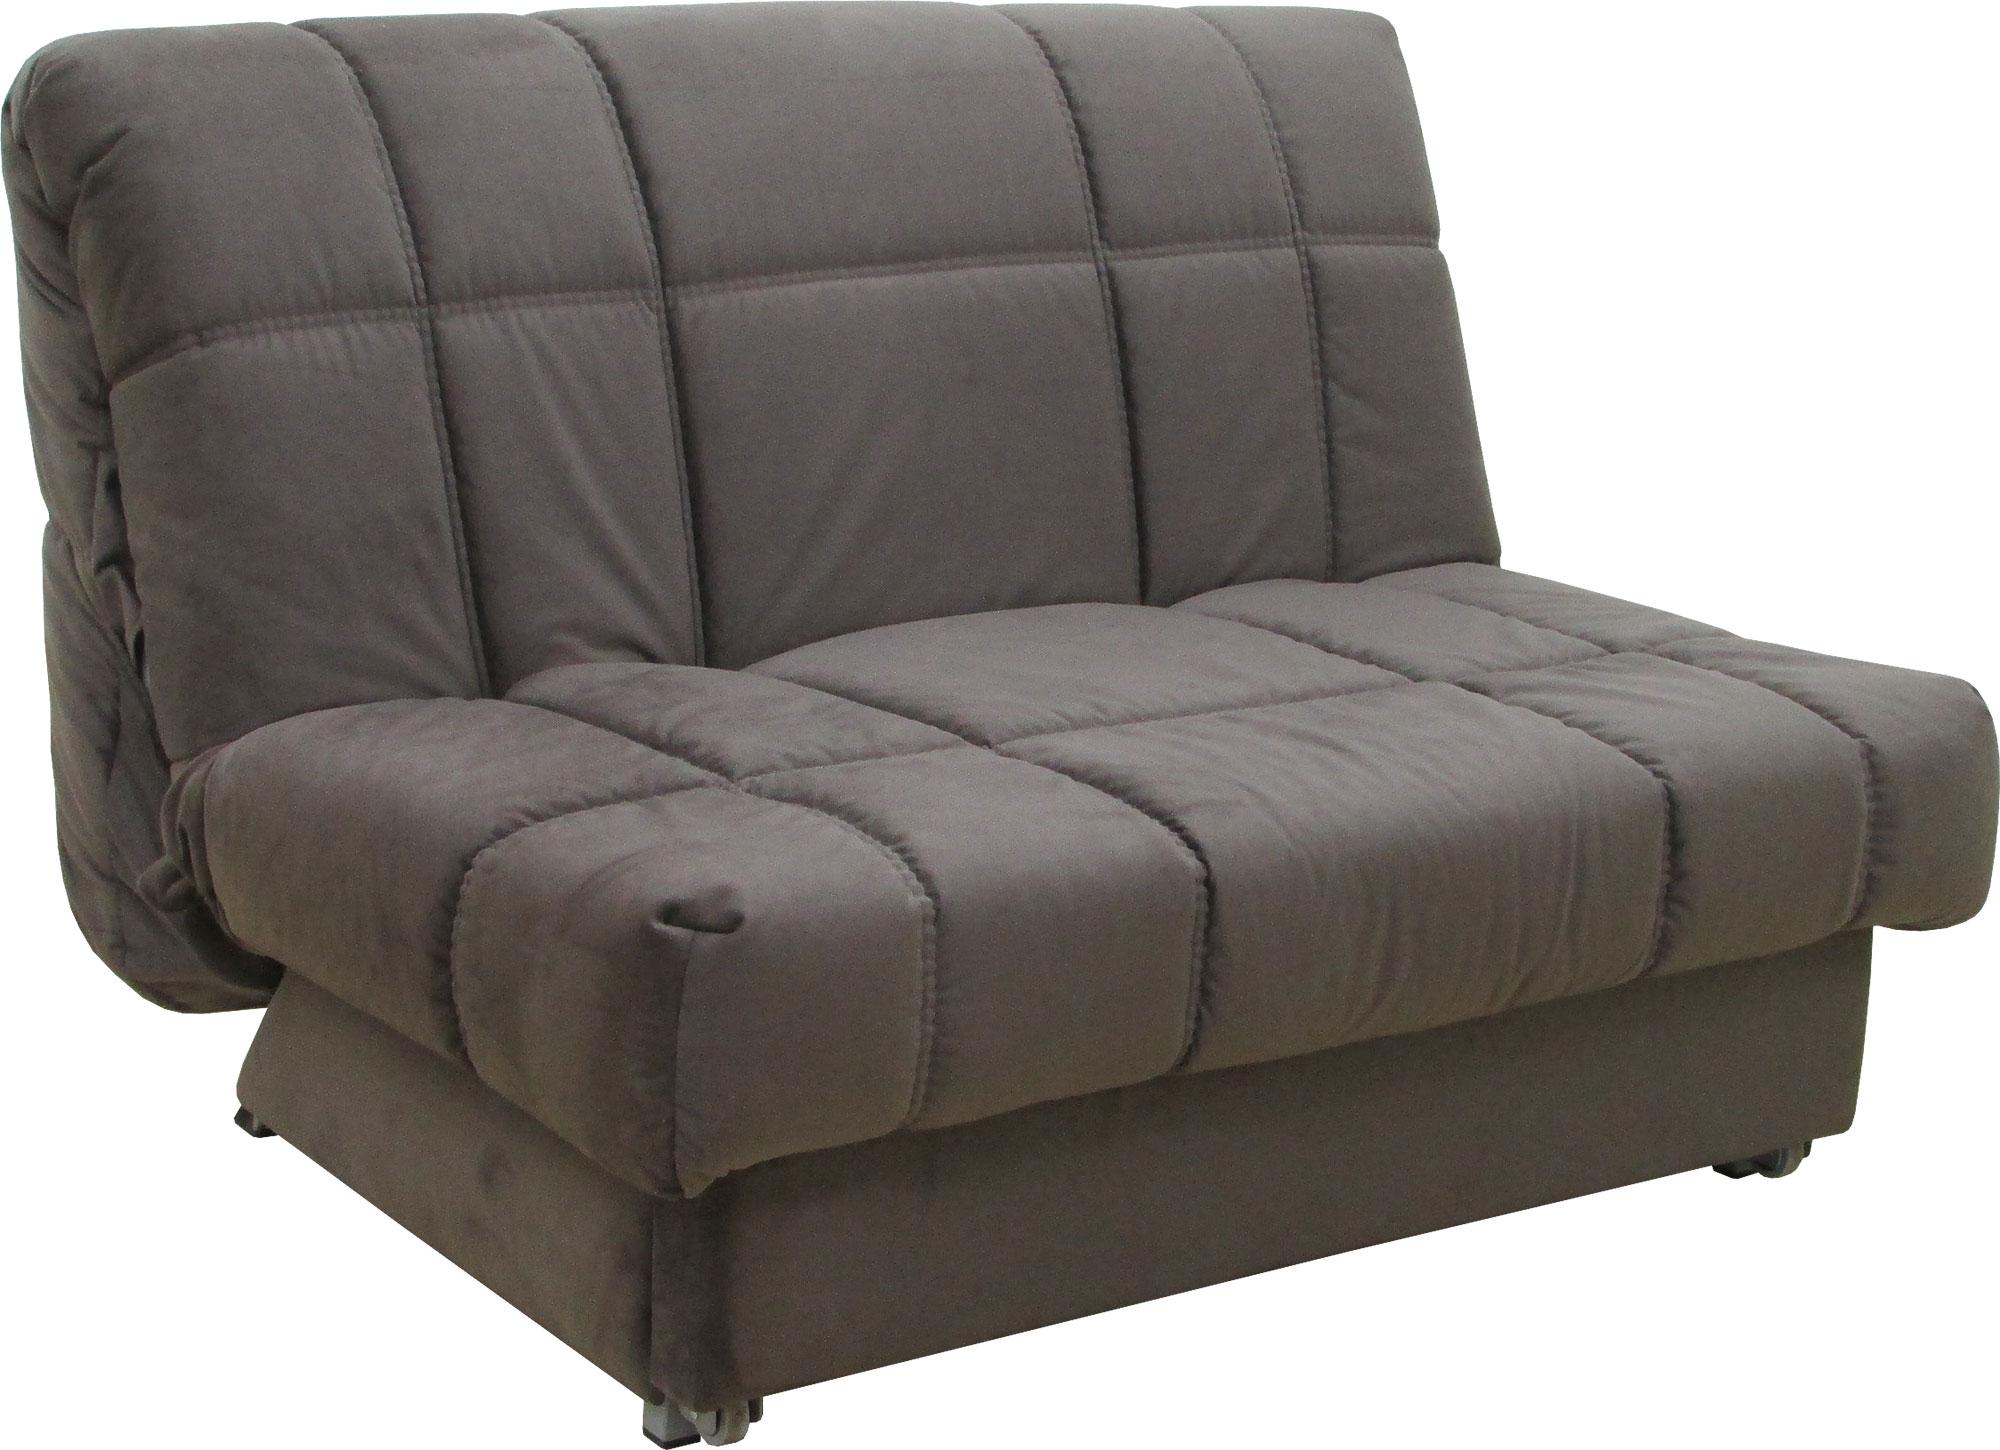 купить диван виа диван аккордеон виа недорого в москве цена